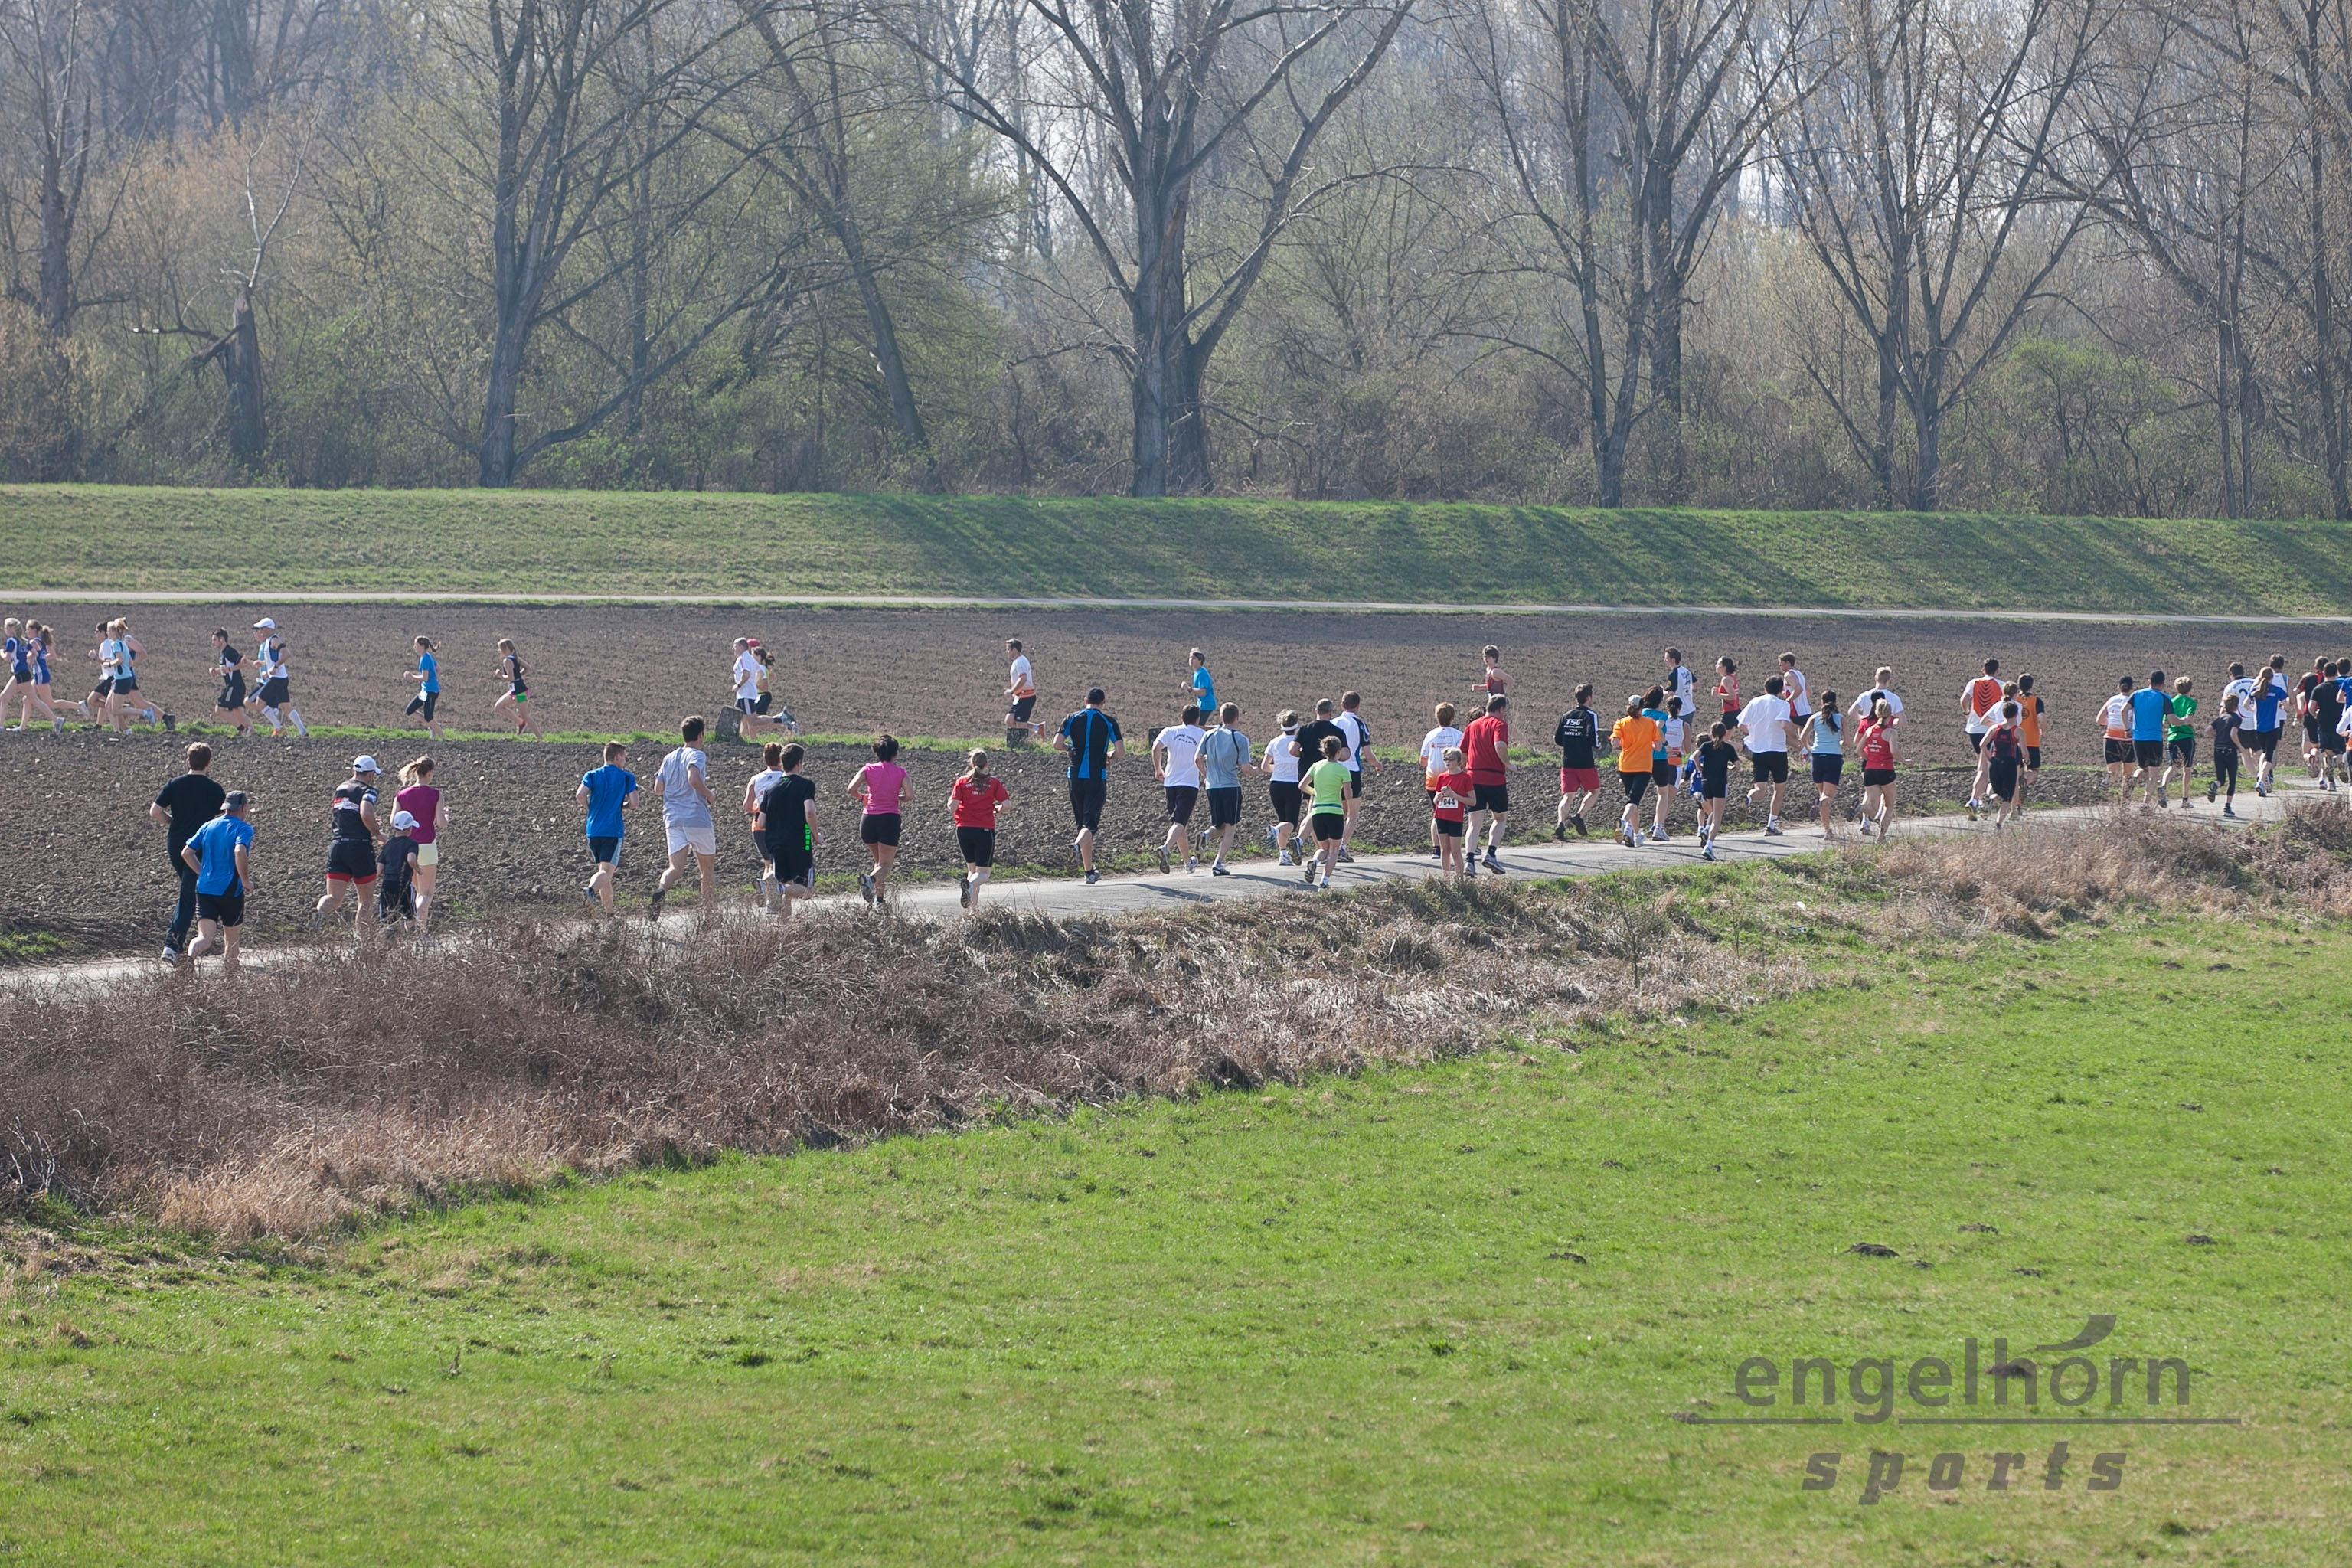 engelhorn sports Nike Laufcup 2012: Nachbericht Straßenlauf Mannheim Sandhofen